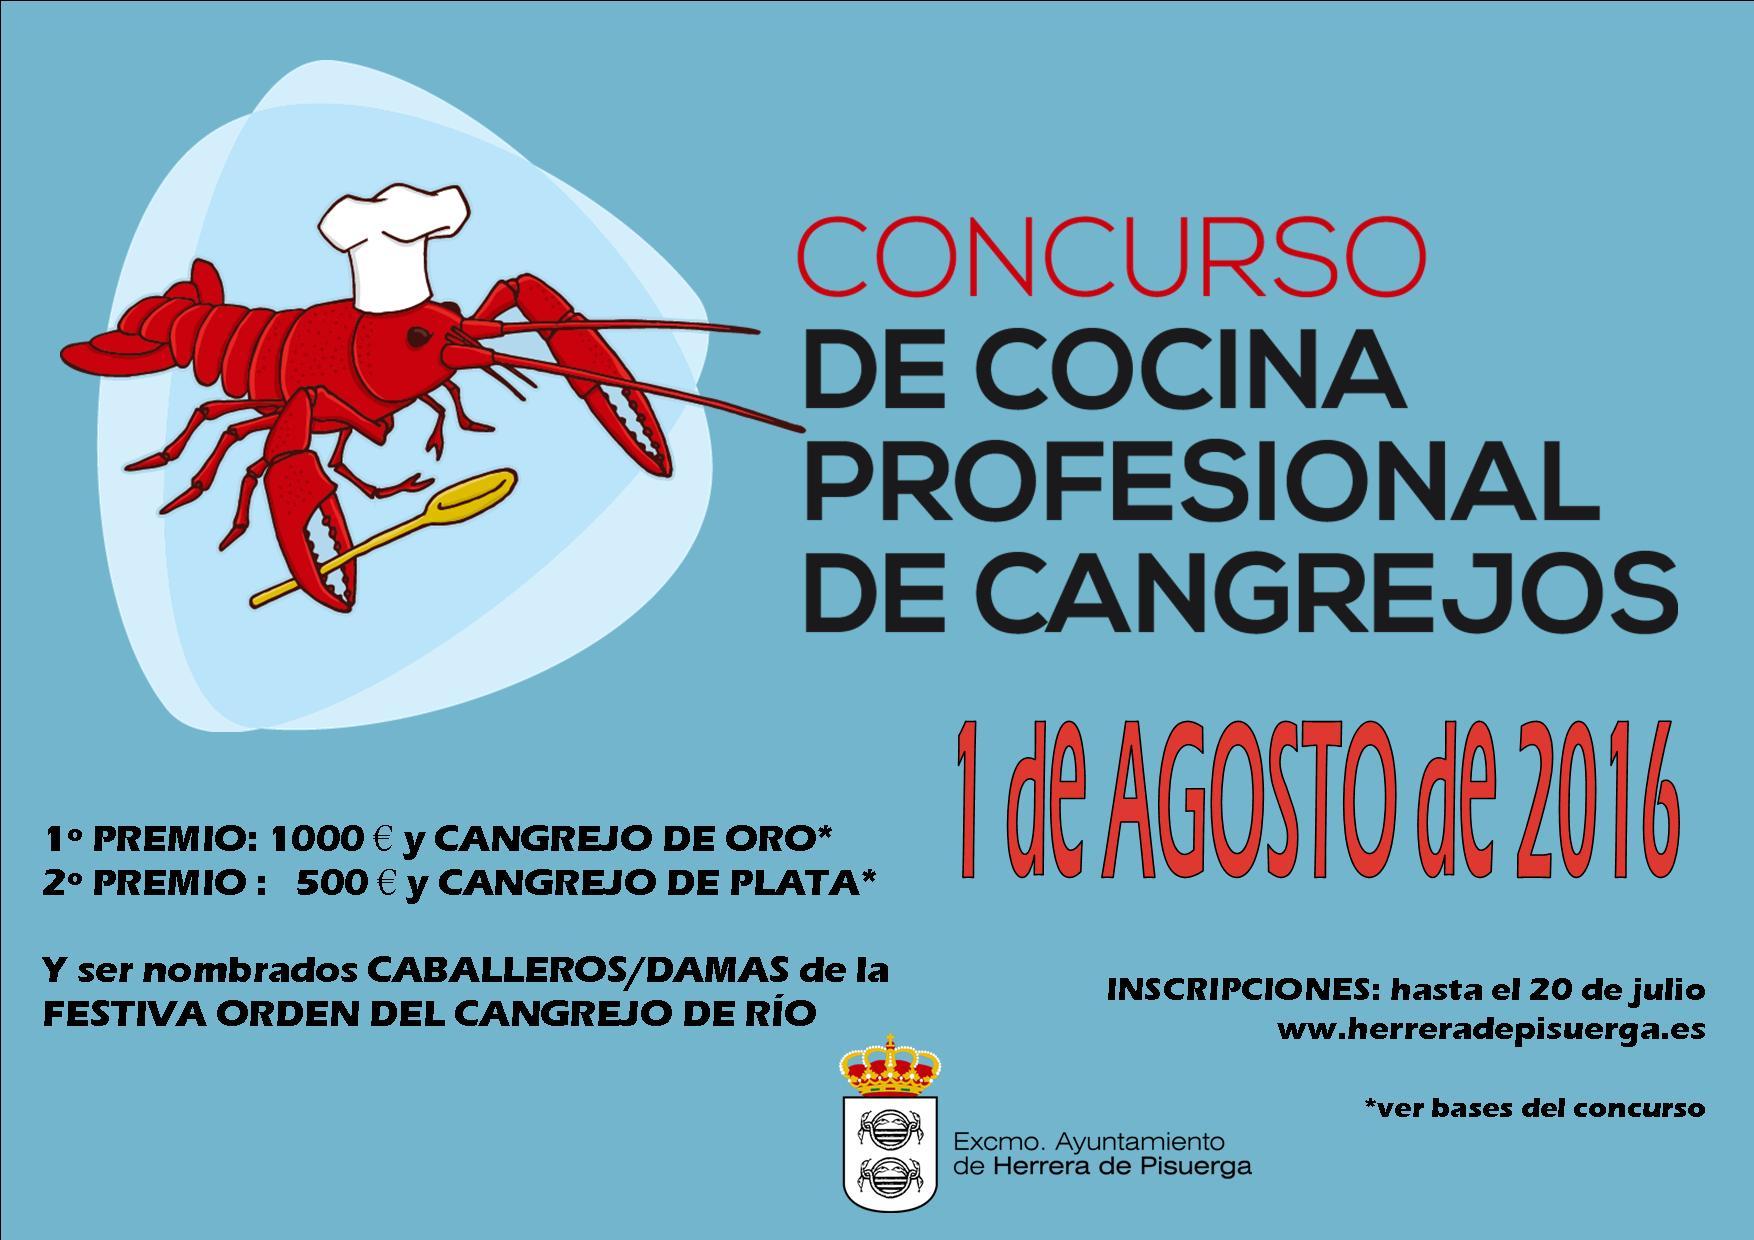 Concurso De Cocina Profesional De Cangrejos 2016